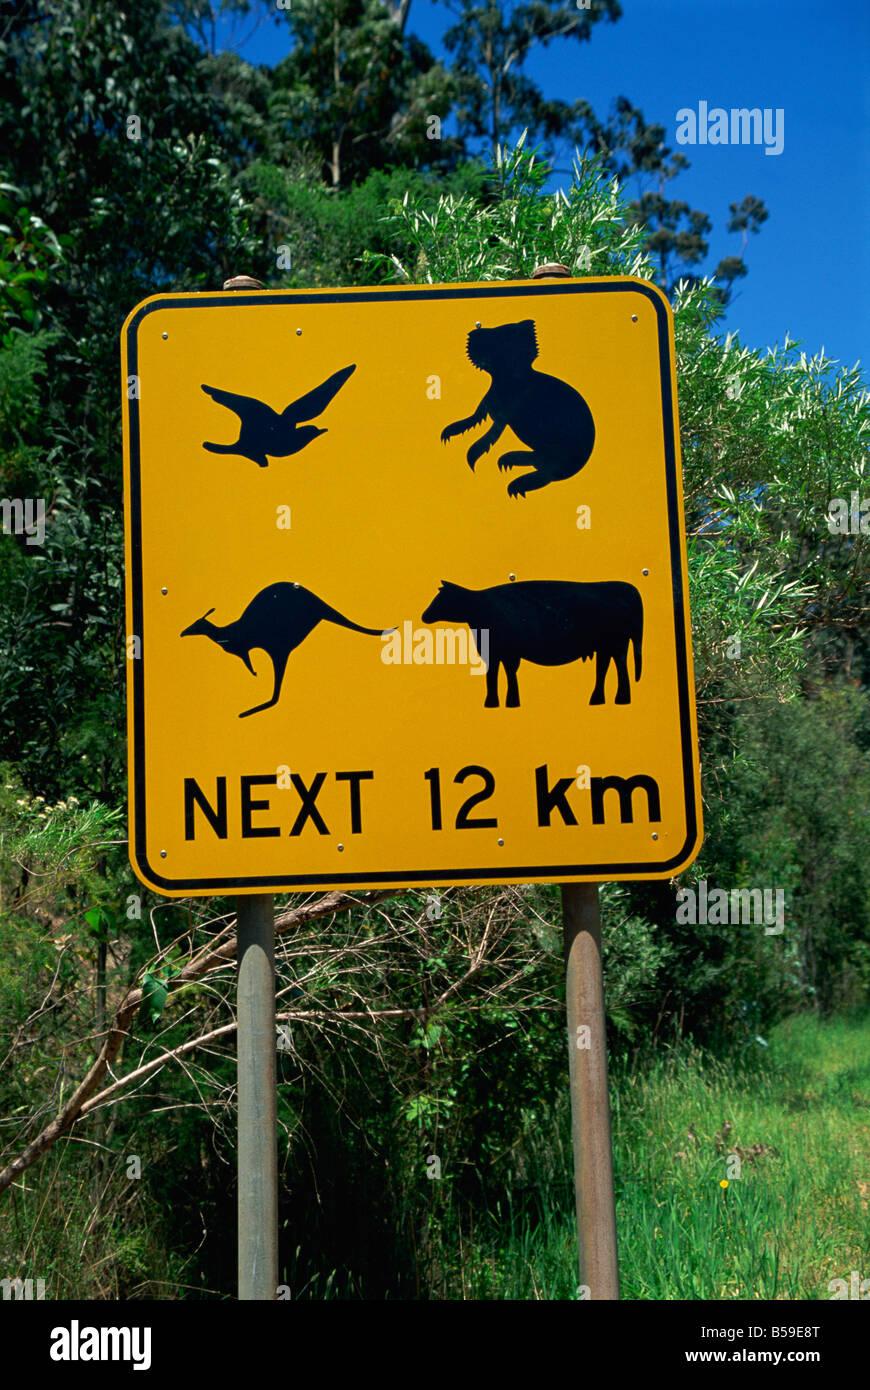 Typische Verkehrszeichen, Australien, Pazifik Stockbild